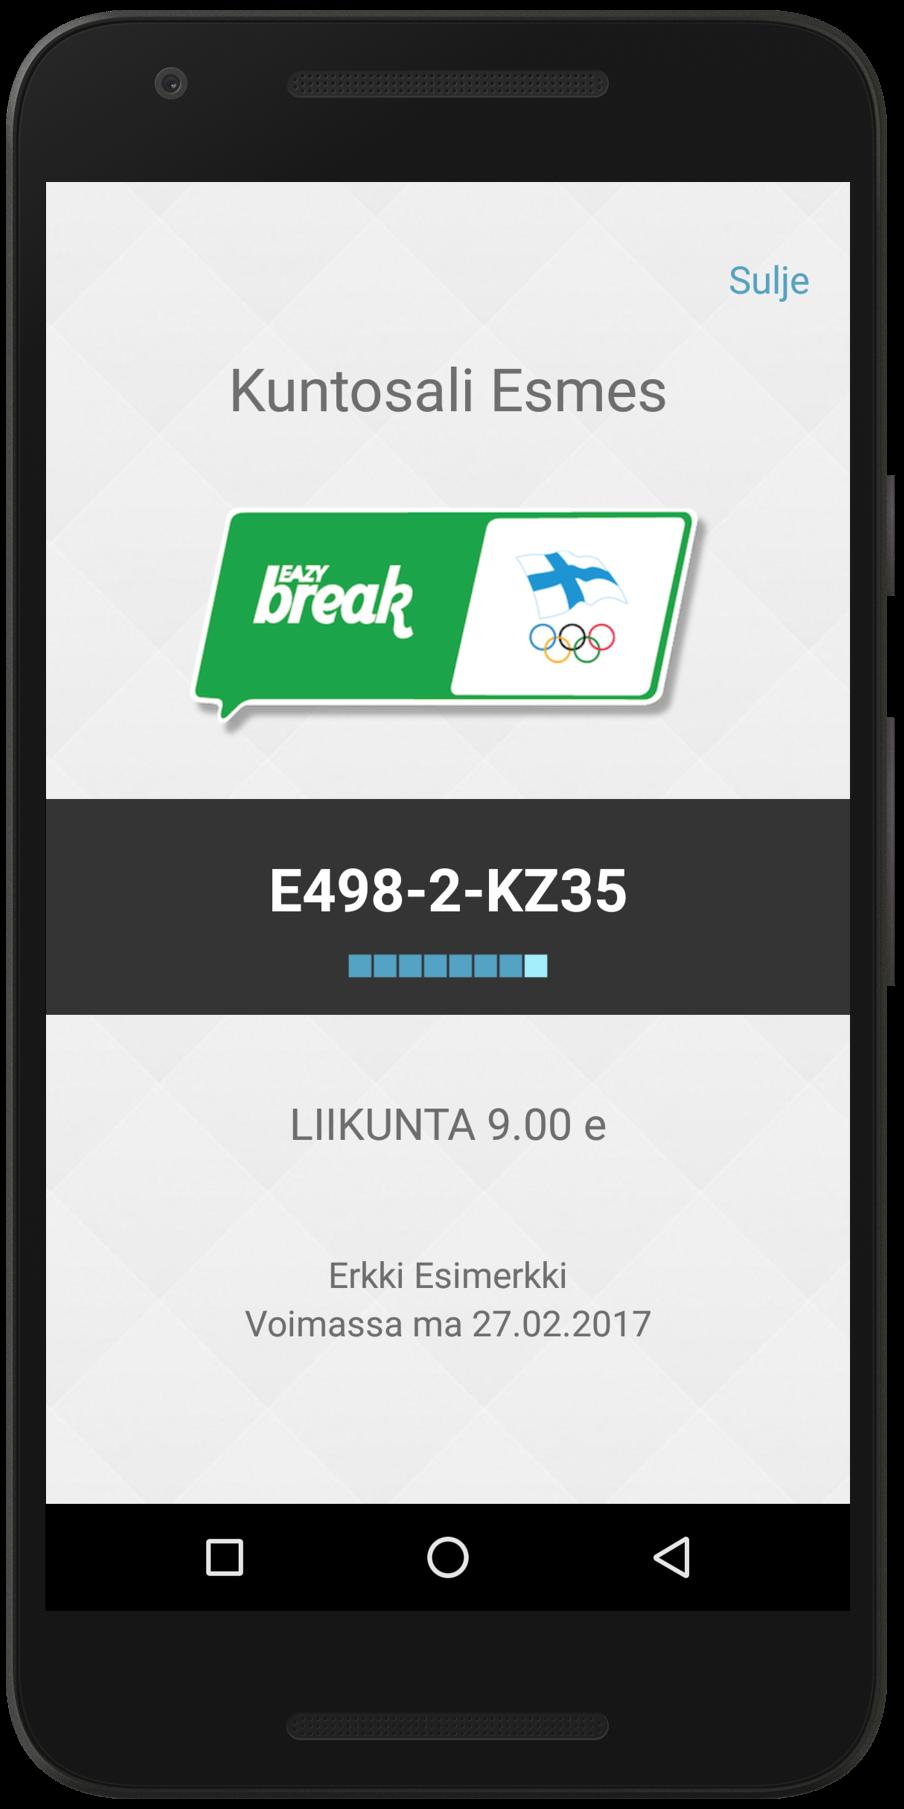 Eazybreak Liikuntaseteli Android-sovelluksessa